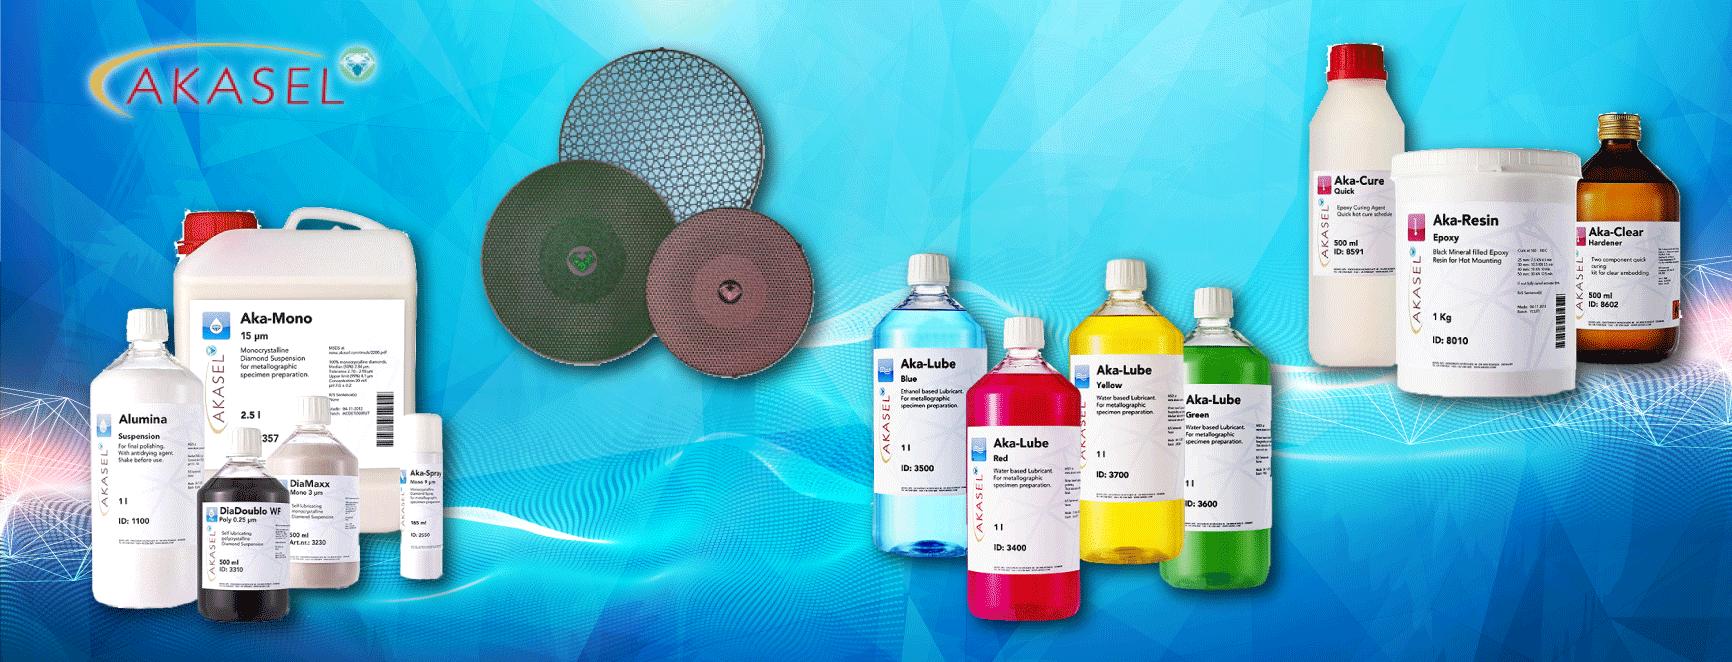 組織検査用試料作成のプロフェッショナルとして高品質研磨材をご提供します